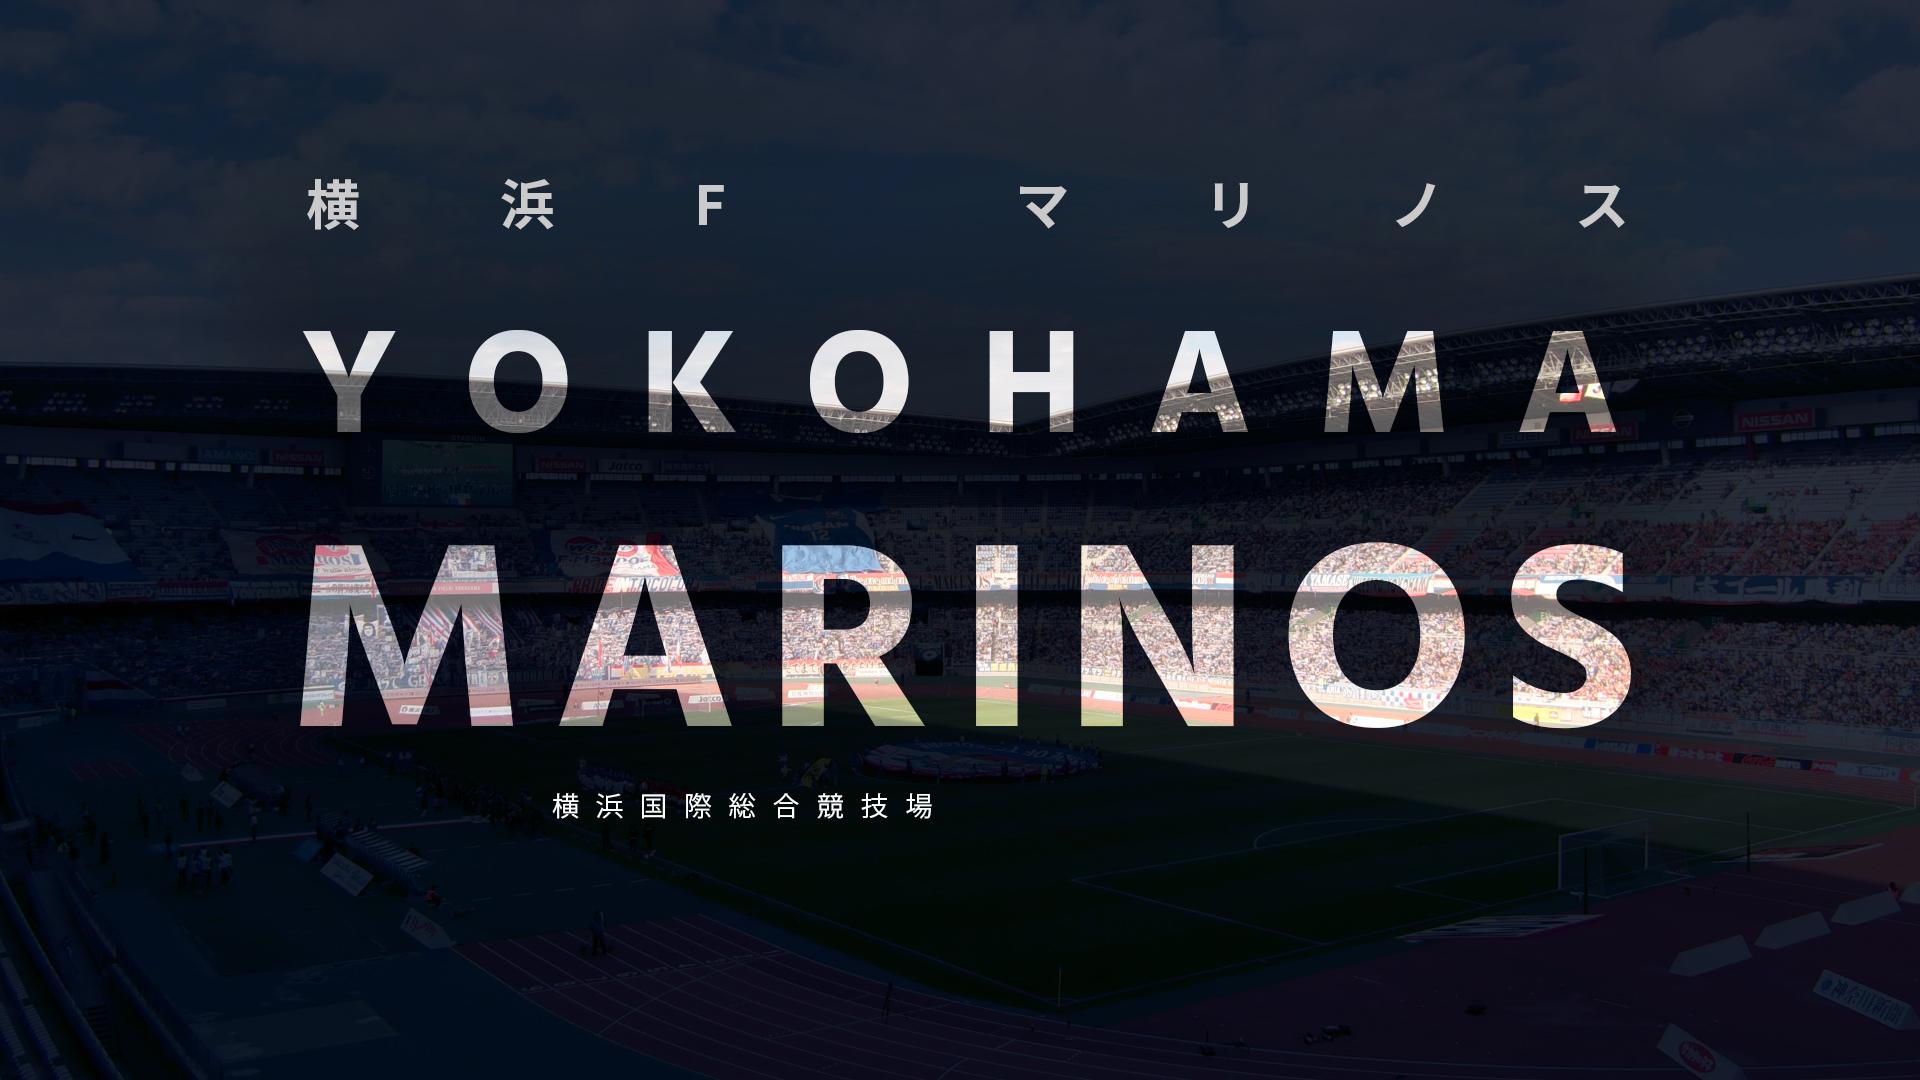 横浜 マリノス 壁紙